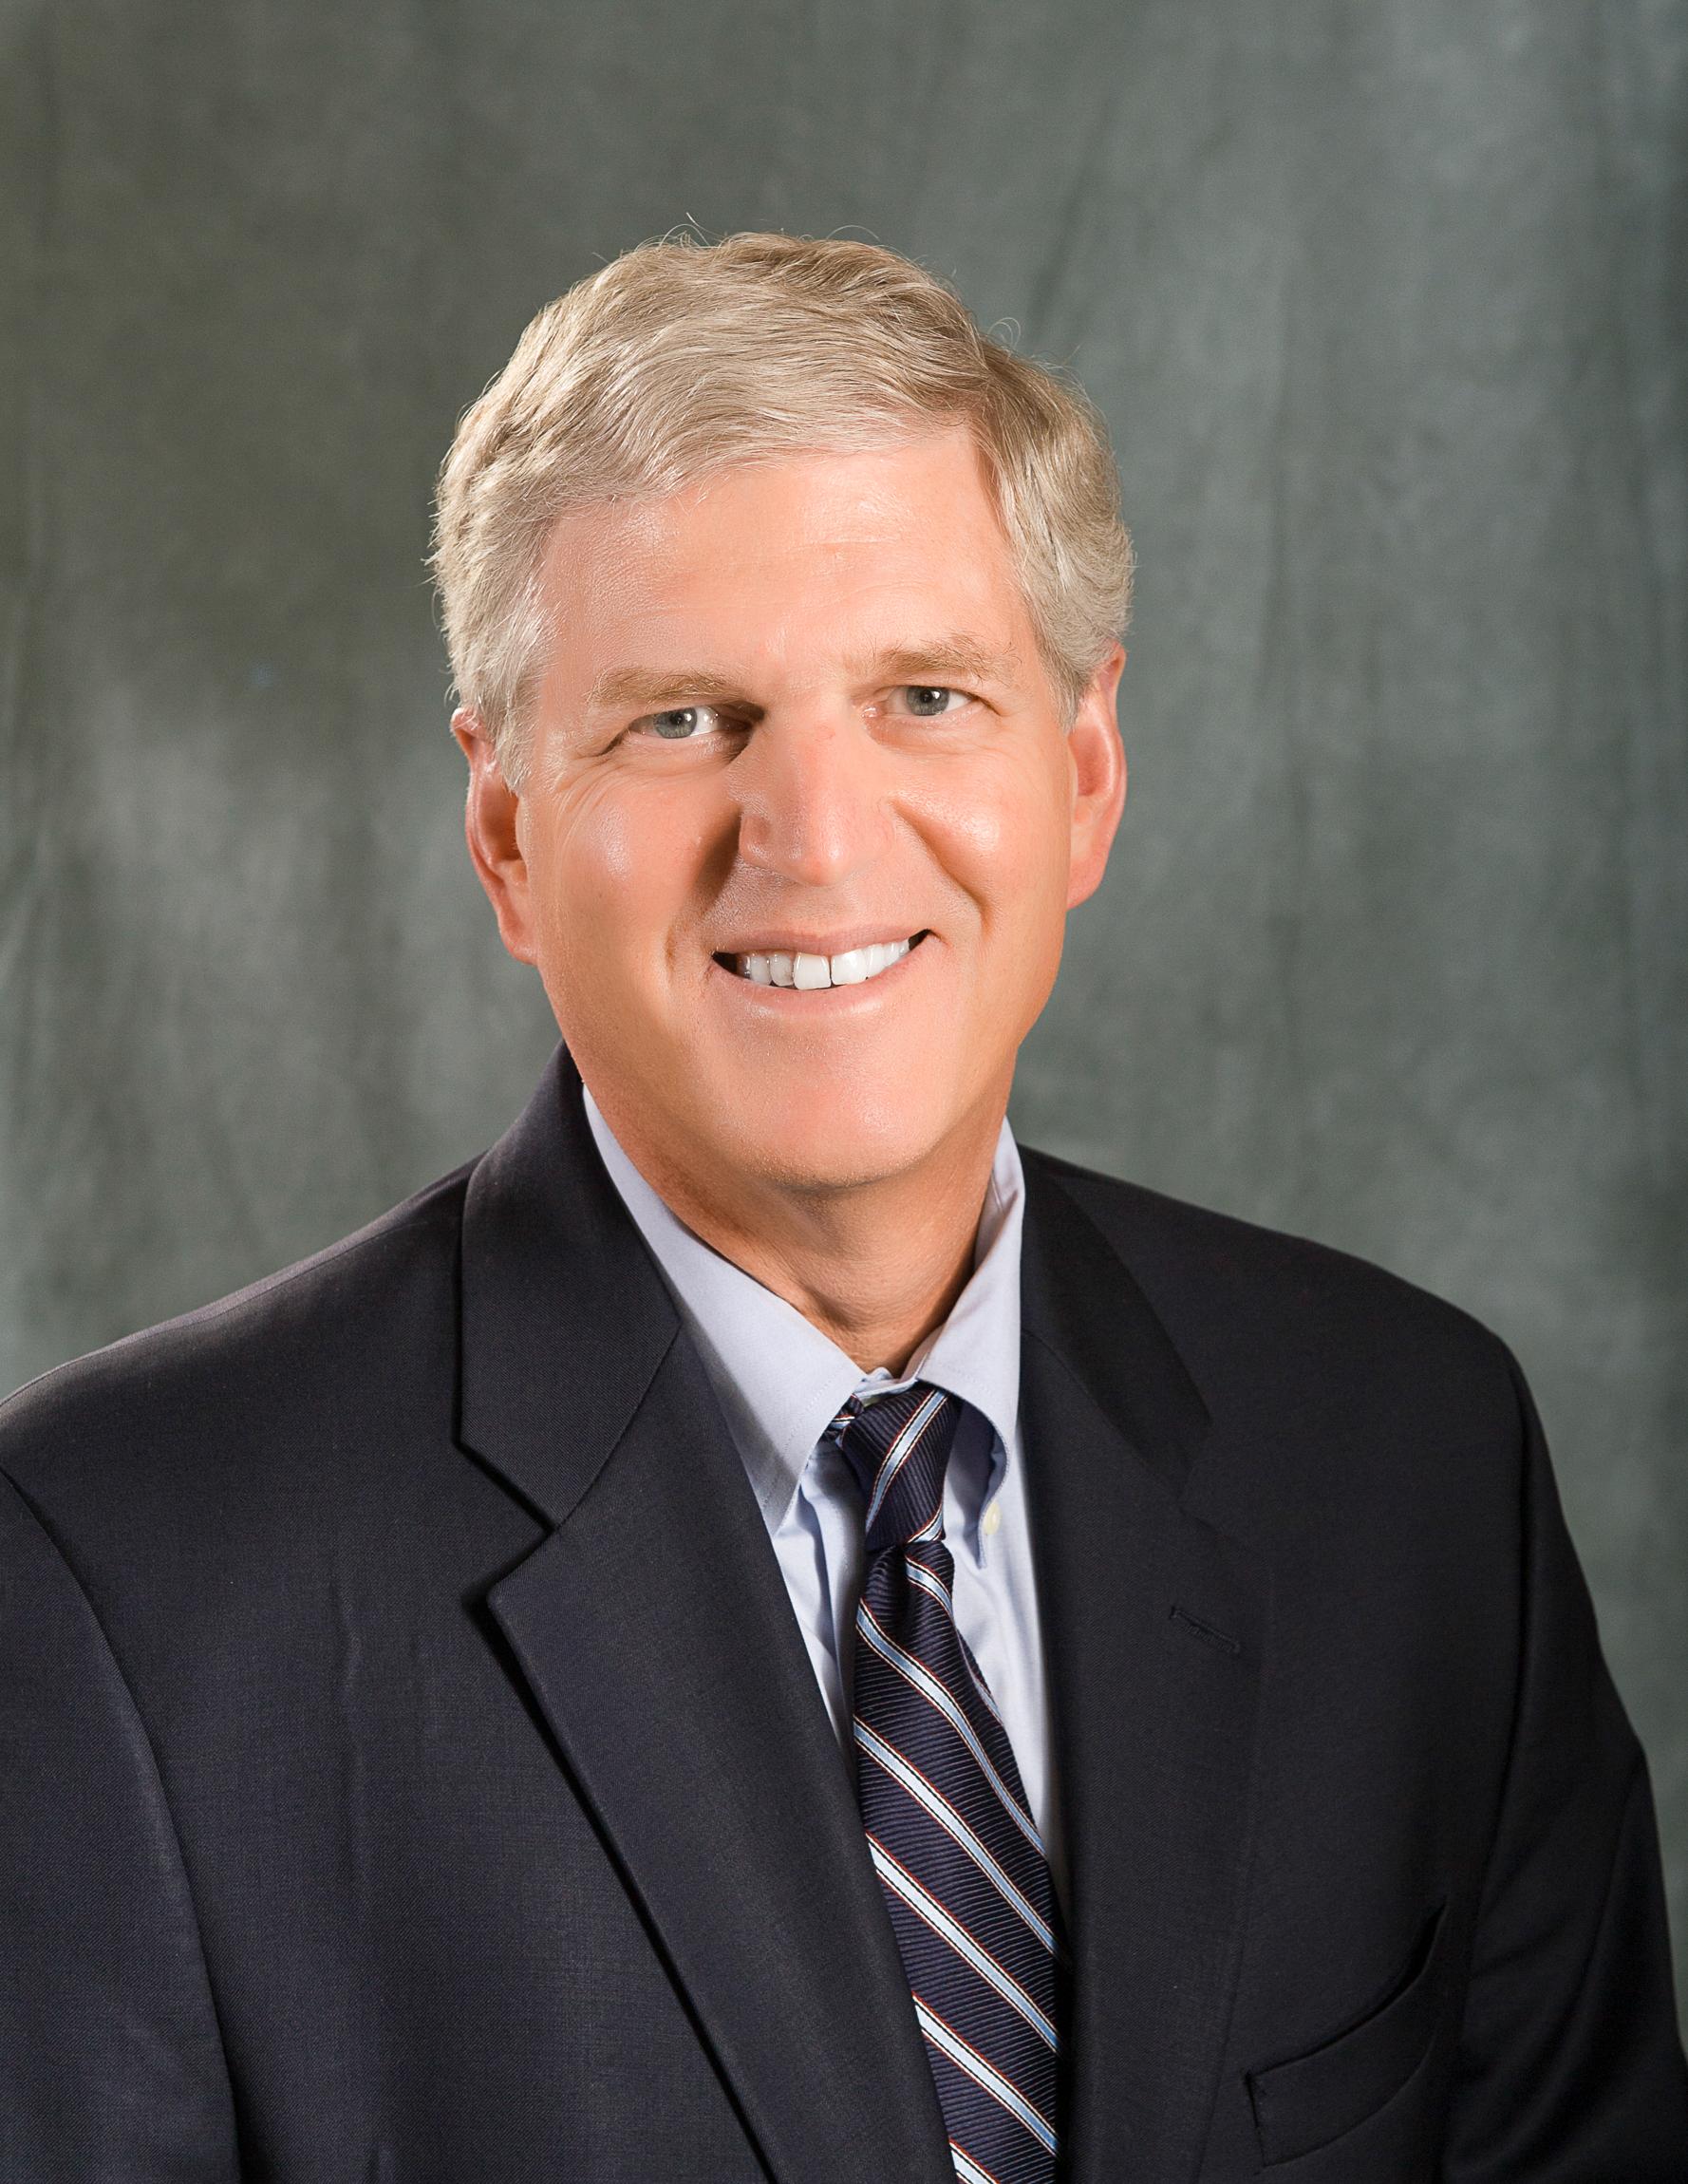 Edward K. Isbey, III, M.D.